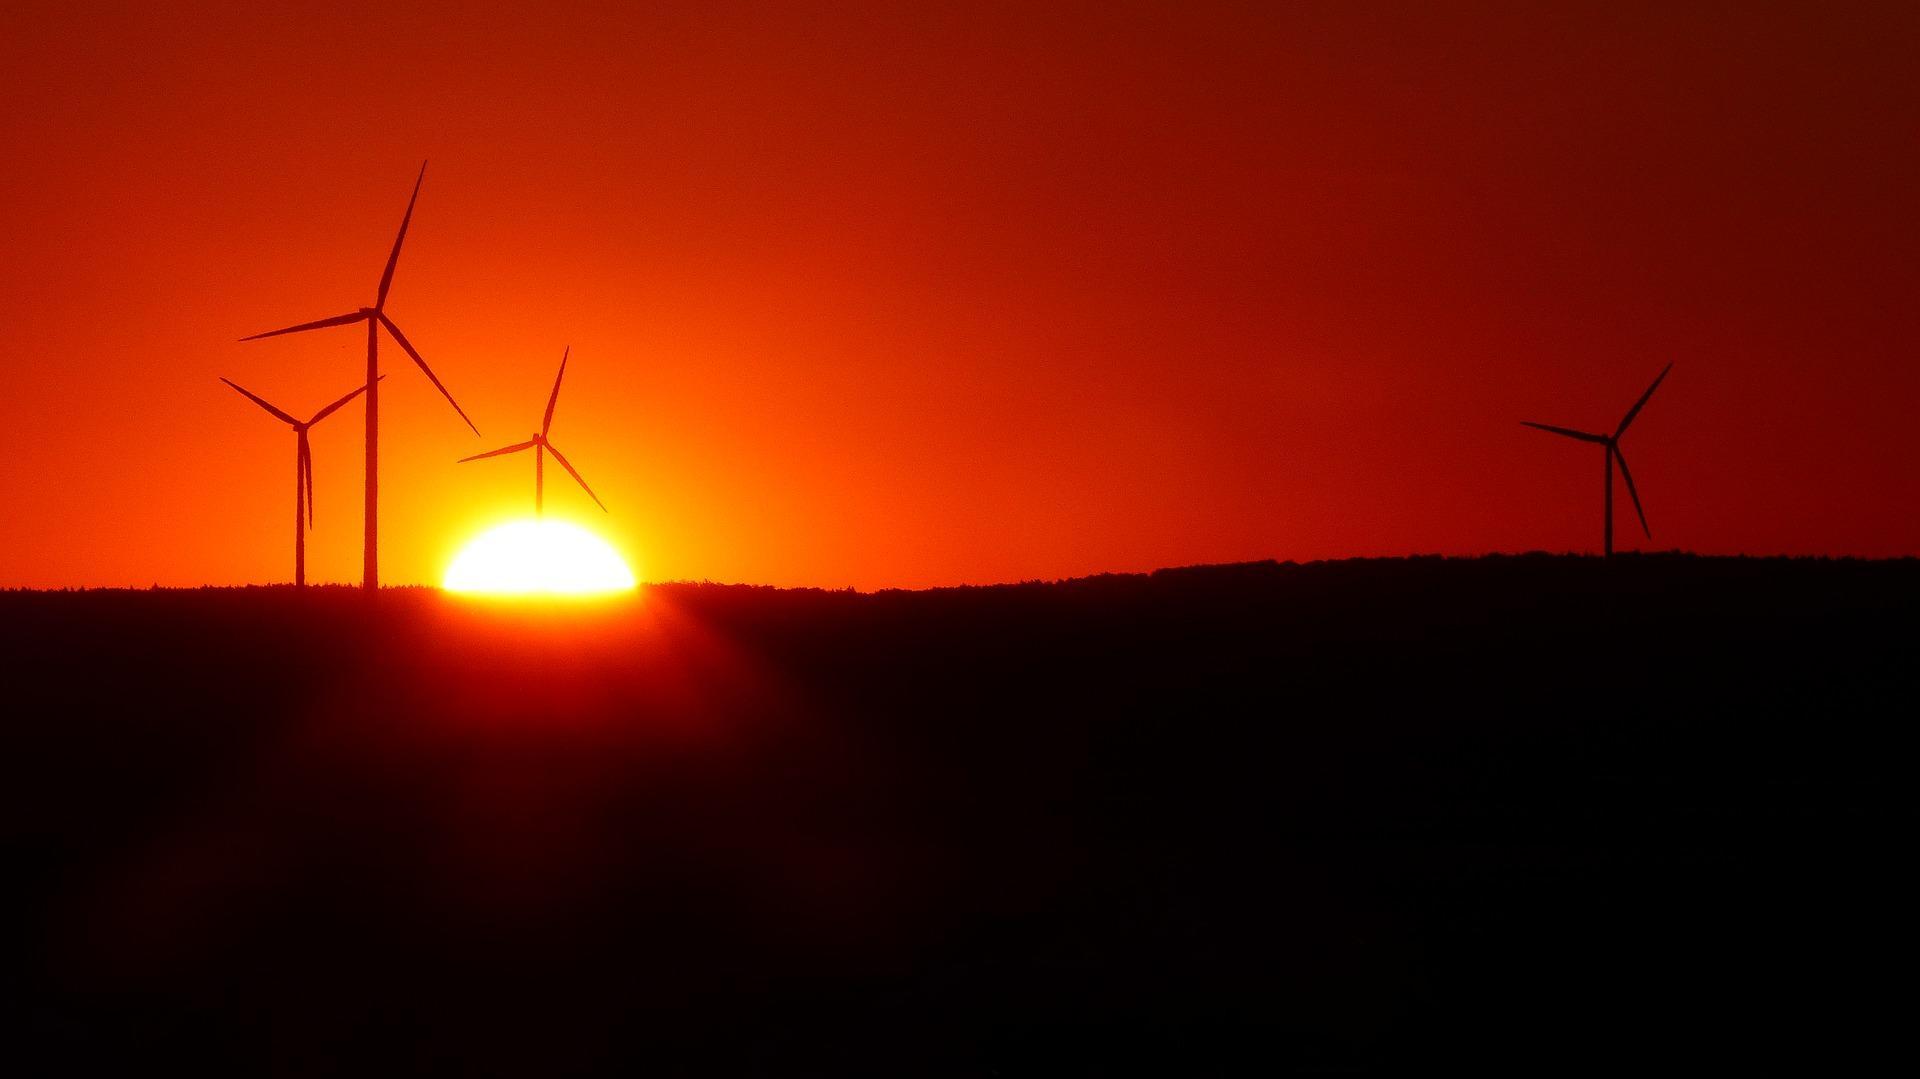 Gefahrenübergang bei Lieferung und Montage einer Photovoltaikanlage